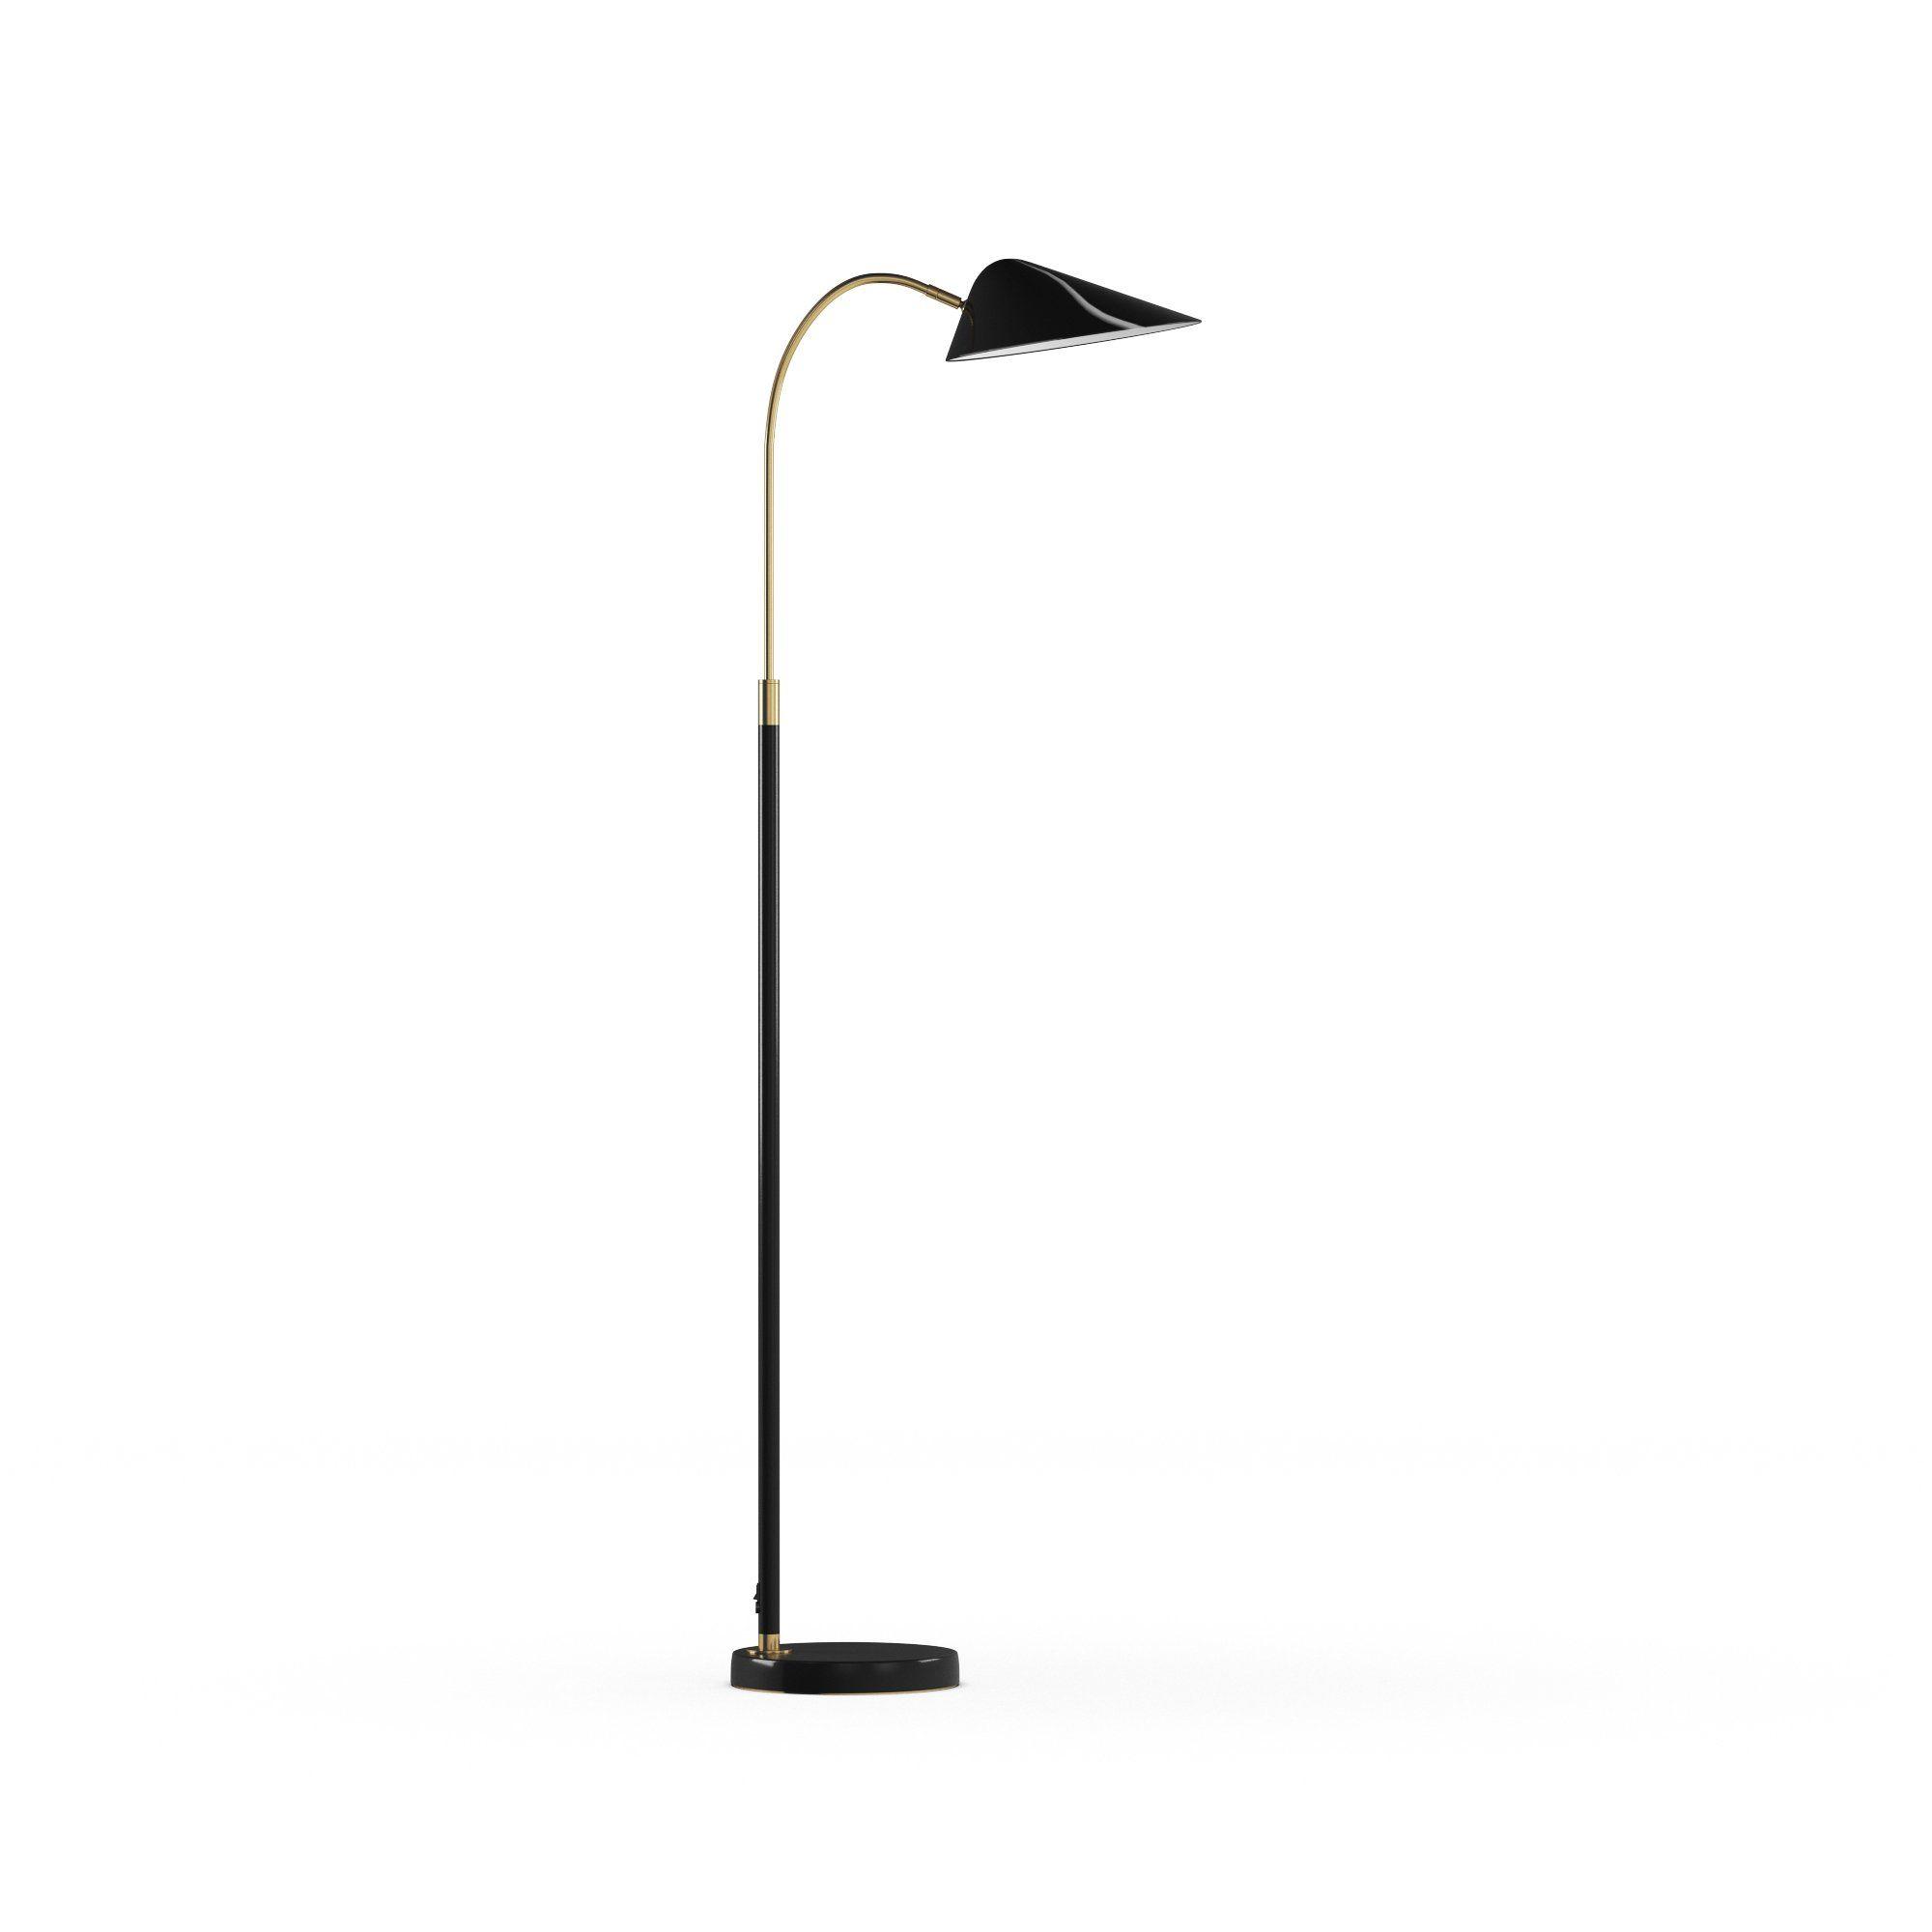 Modrn Scandinavian 60 Adjustable Task Floor Lamp Black Walmart Com In 2021 Task Floor Lamp Adjustable Floor Lamp Floor Lamp